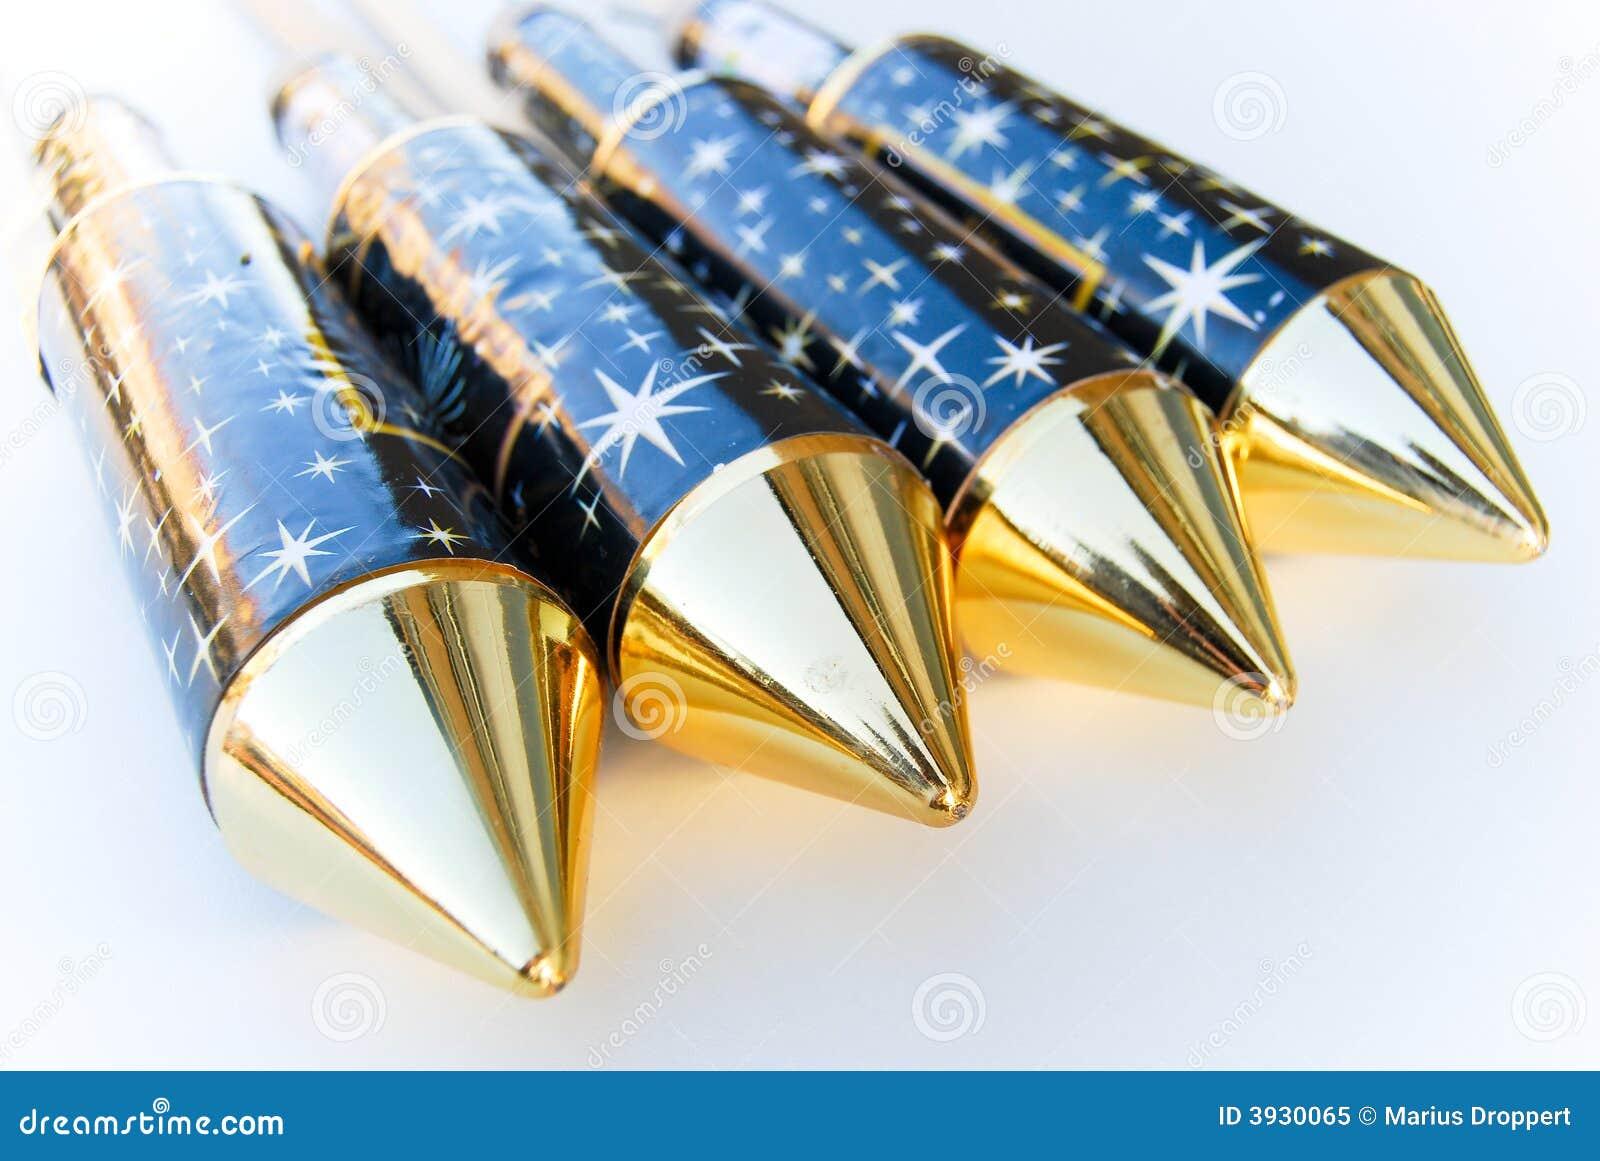 4 nuovi razzi diagonali dei fuochi d artificio con la parte superiore dorata